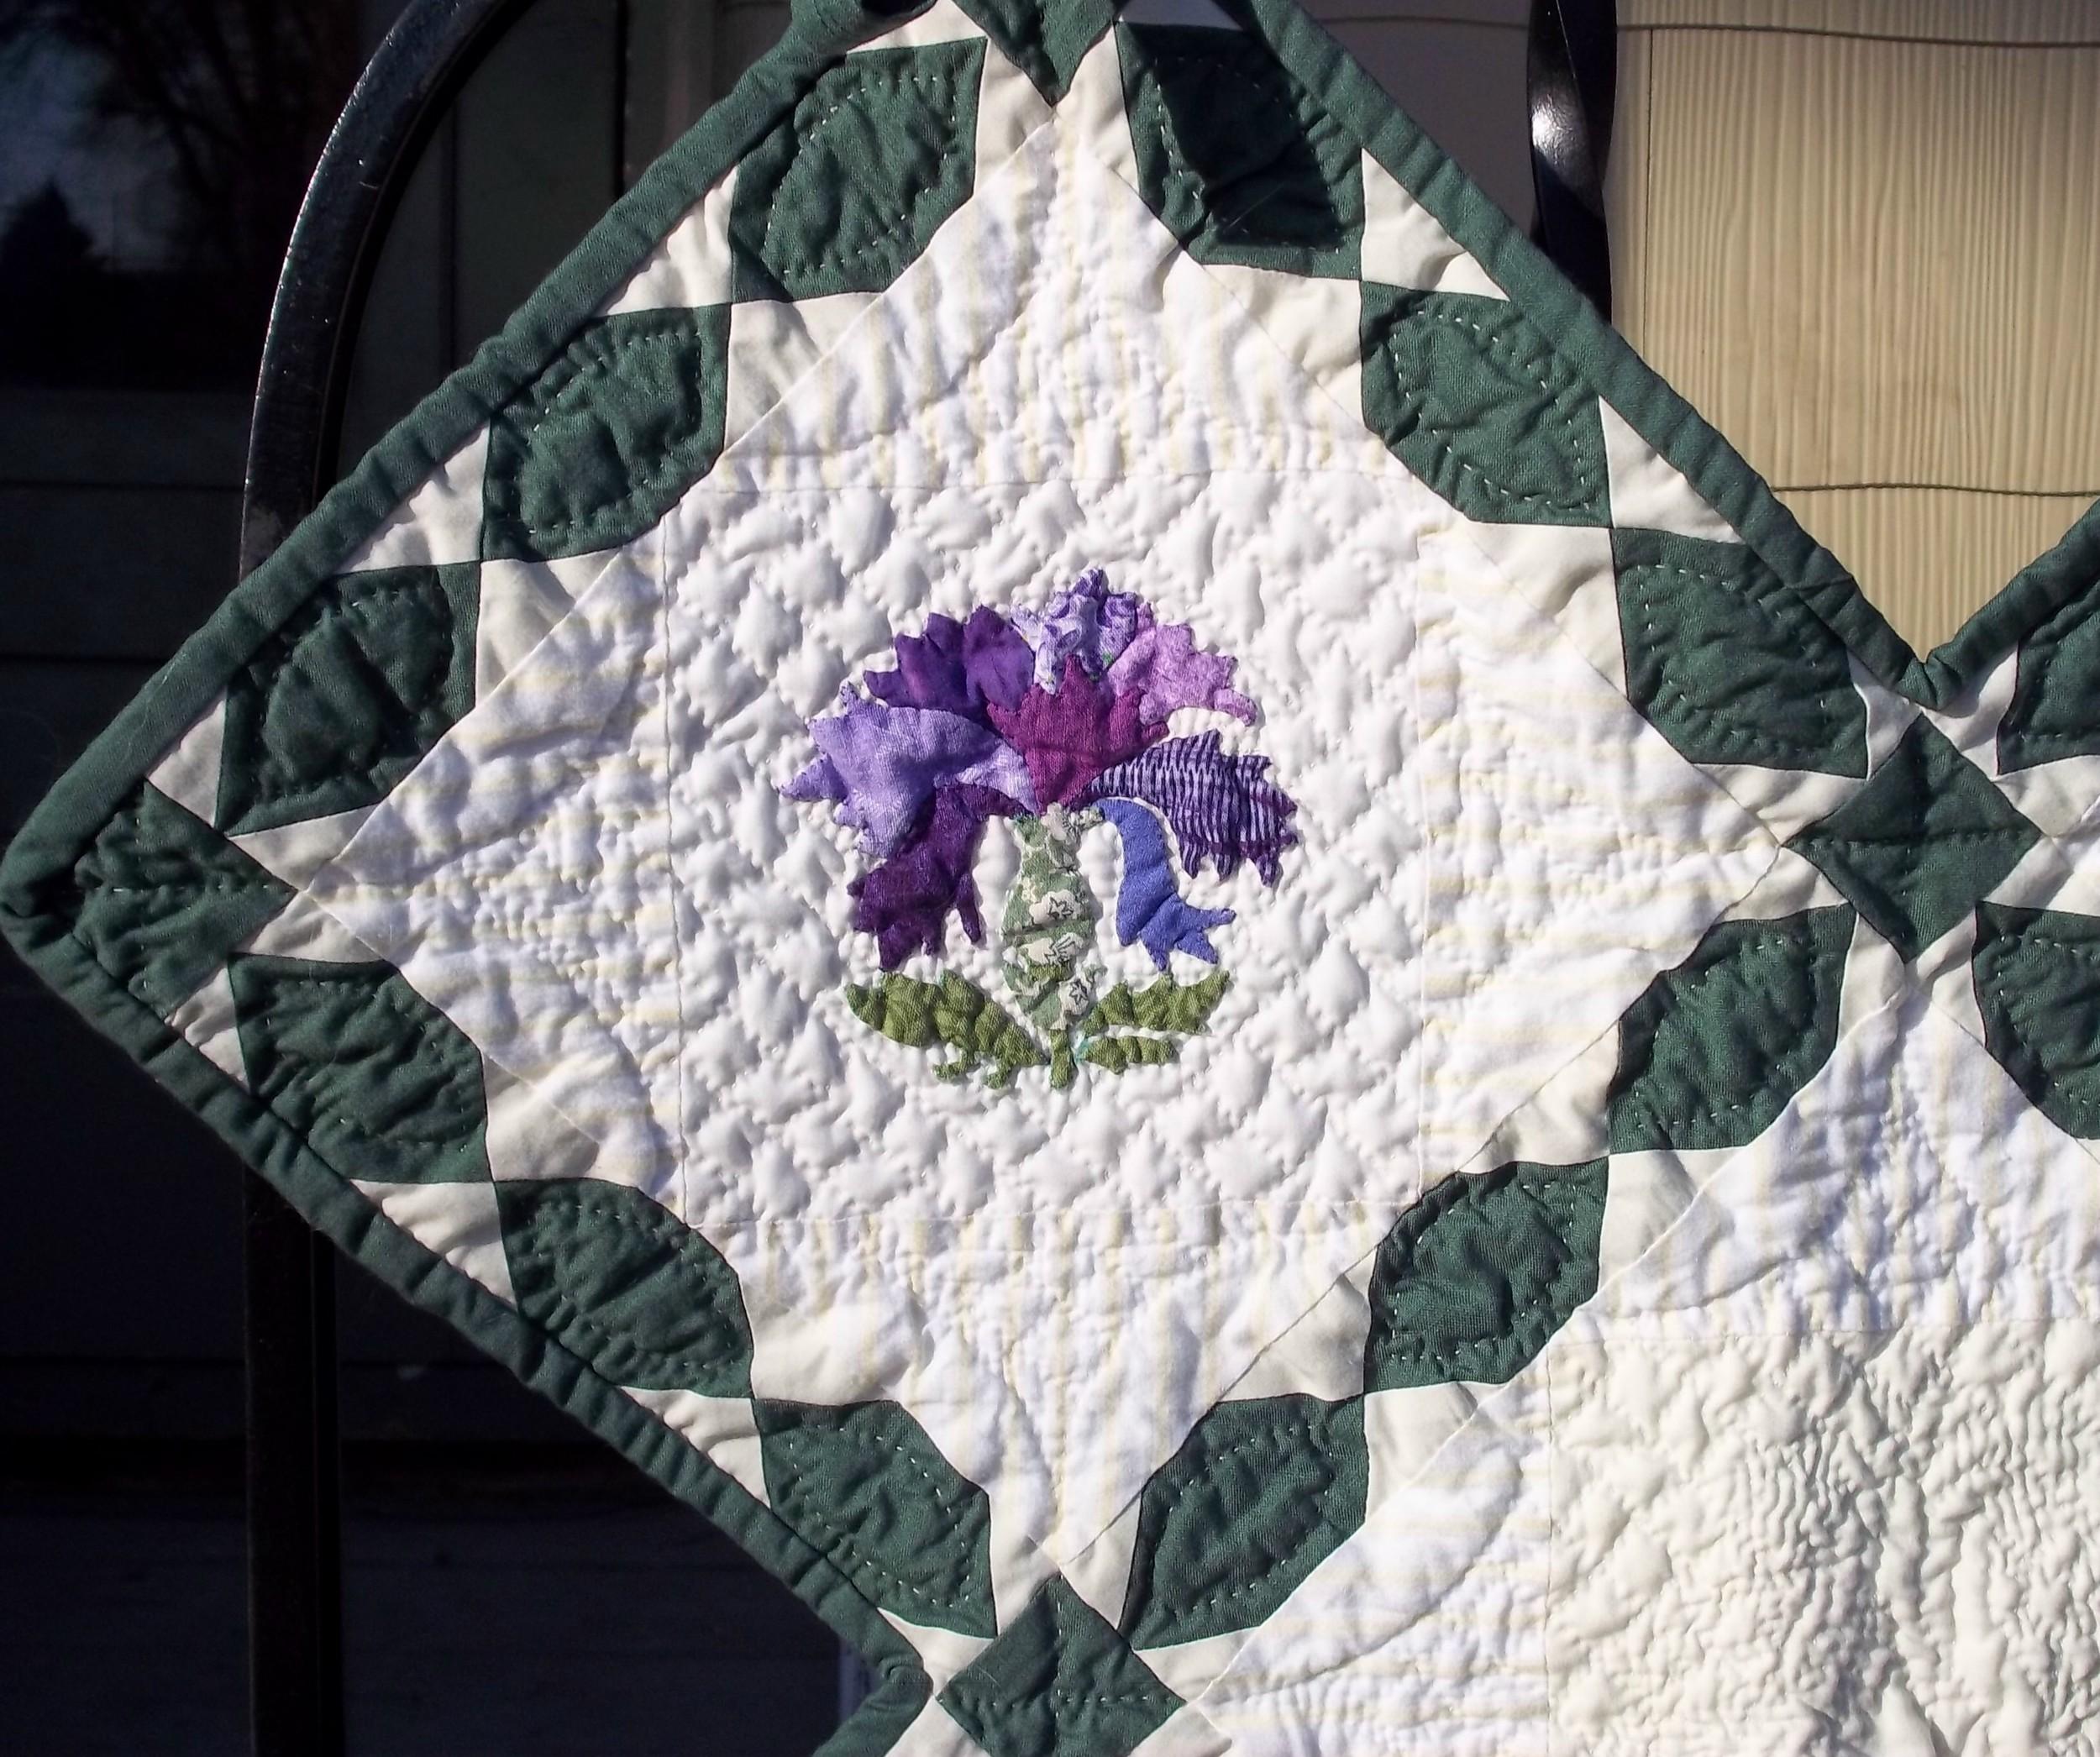 Purple flower, upper left corner.